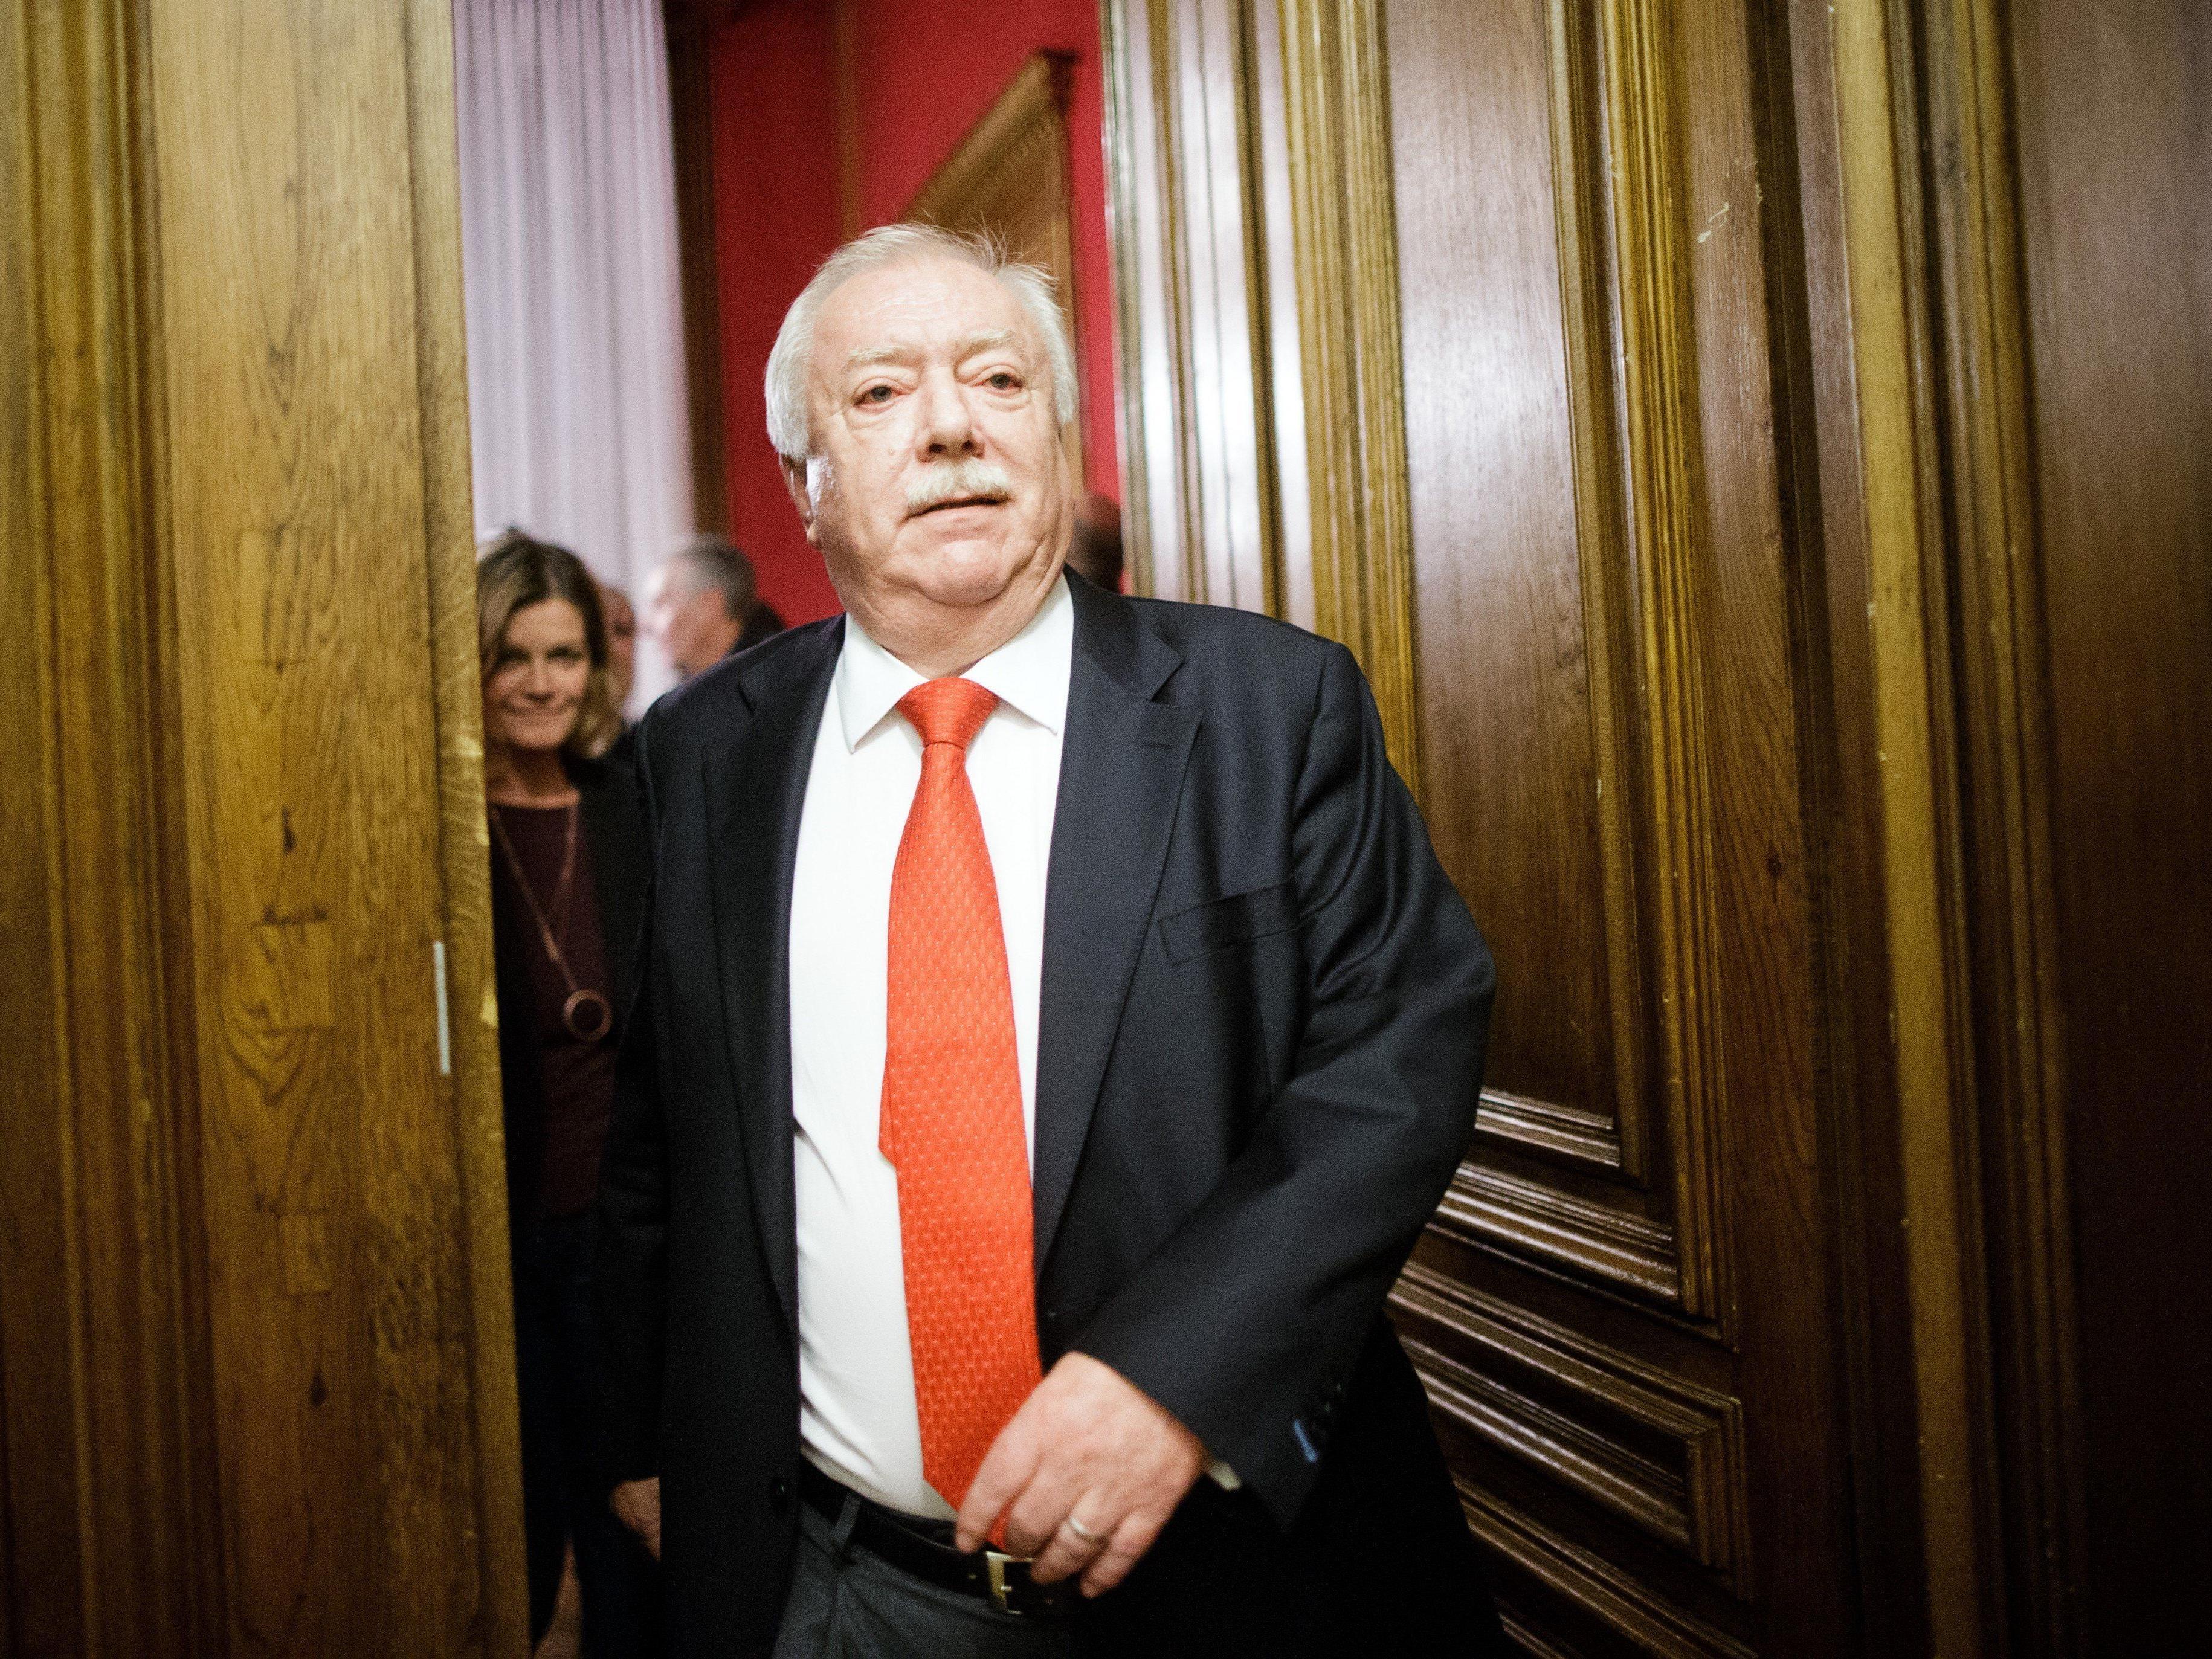 Der Wiener Bürgermeister kündigt Personalrochaden in der Wiener Stadtregierung an